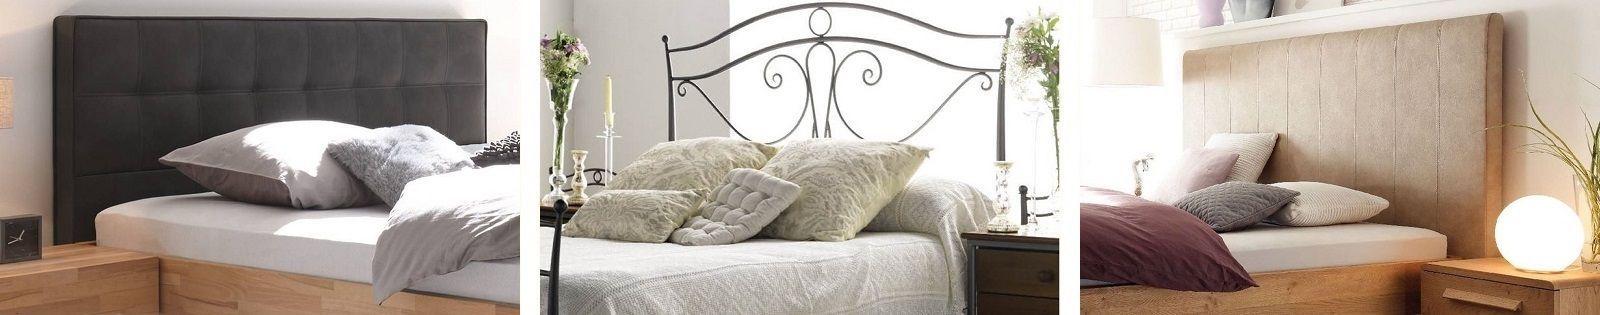 Tête de lit en bois massif, hévéa, chêne, teck, bambou, rotin, fer forgé. Meubles pour la chambre